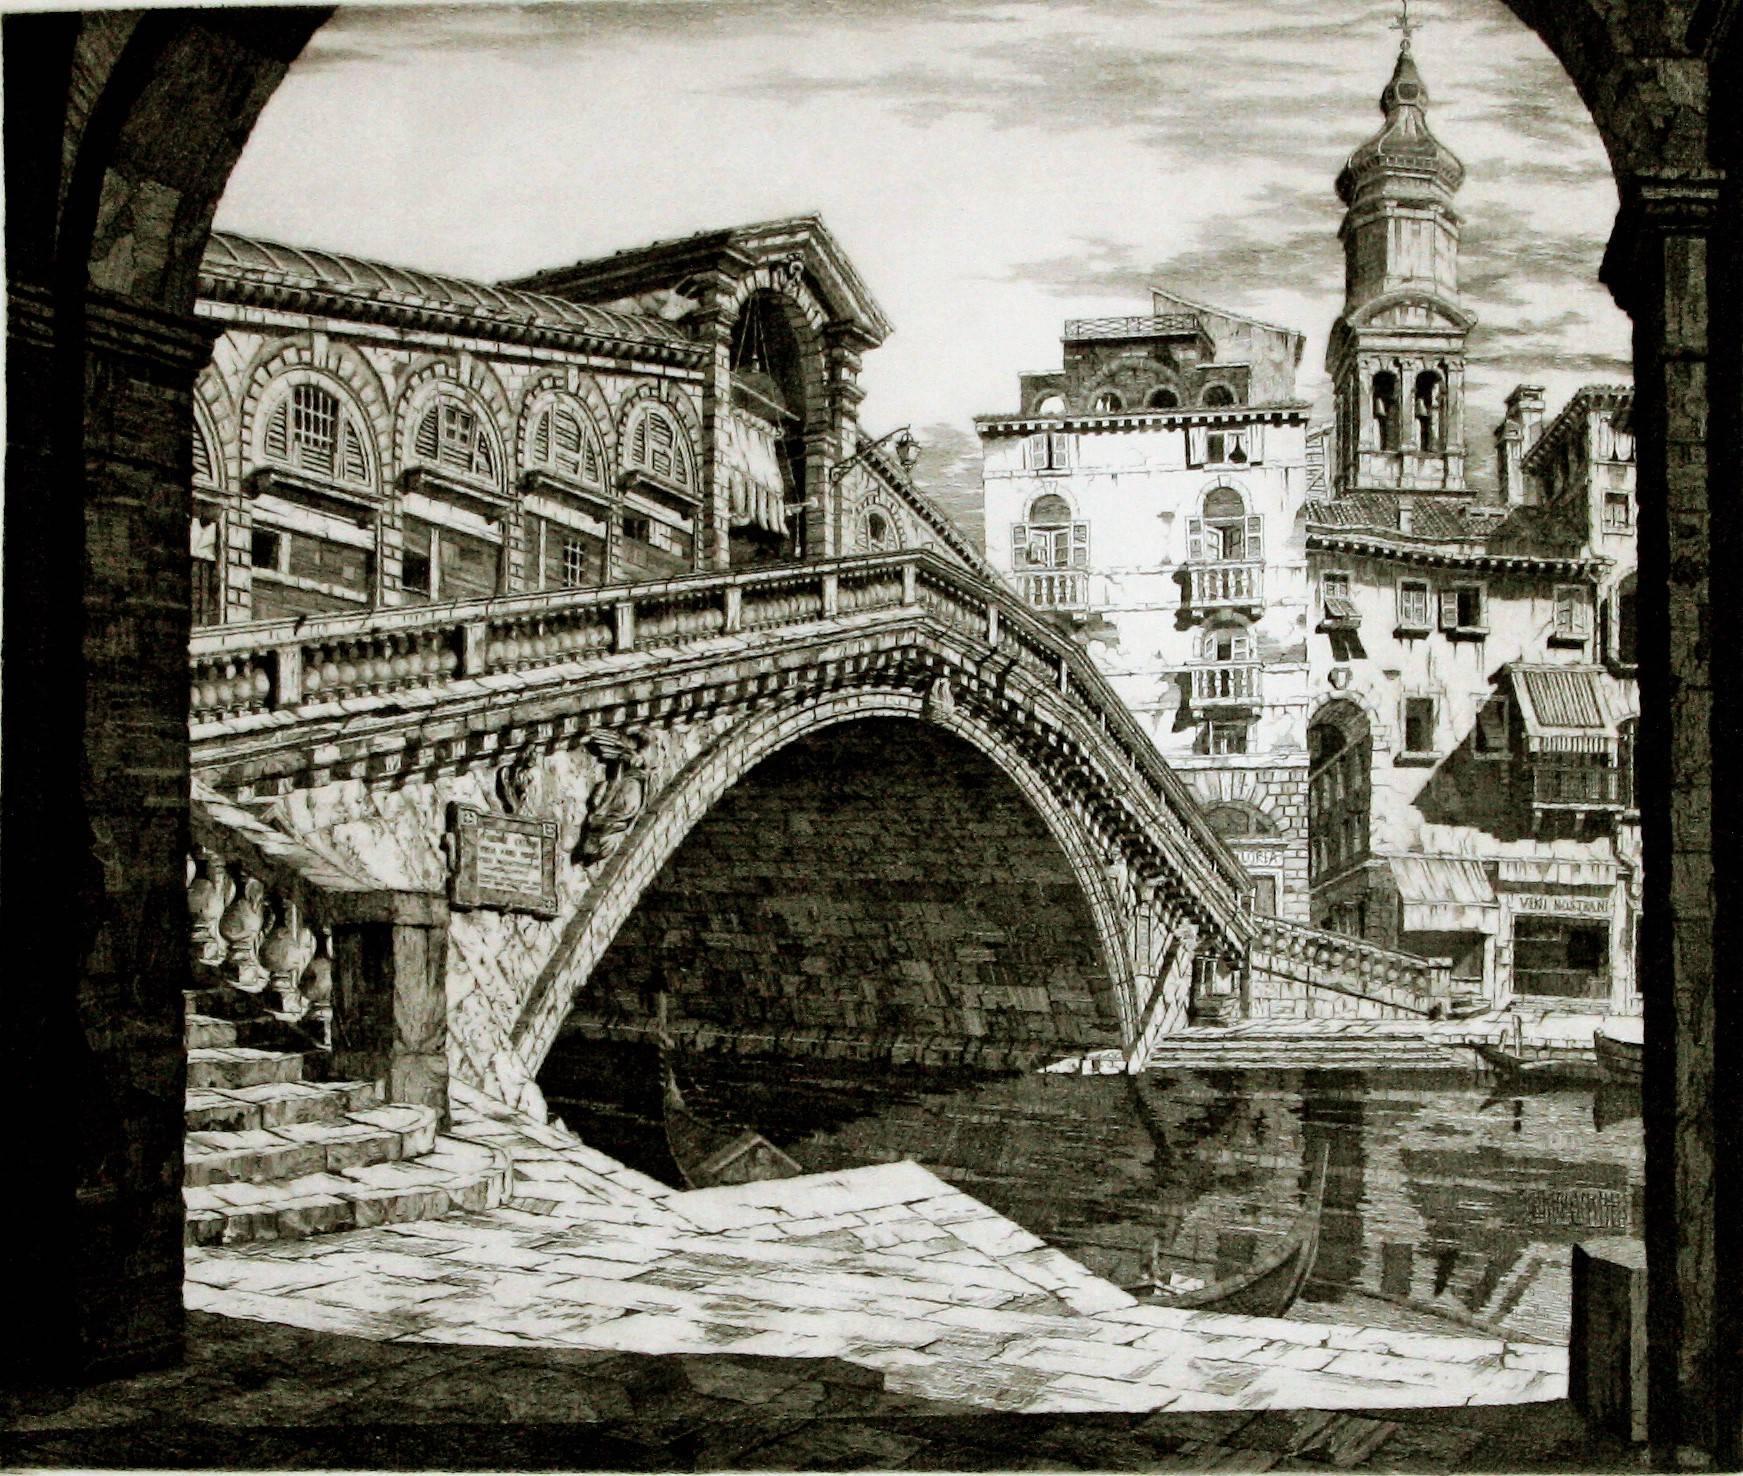 Shadows of Venice. (Il Ponte di Rialto, Venezia)